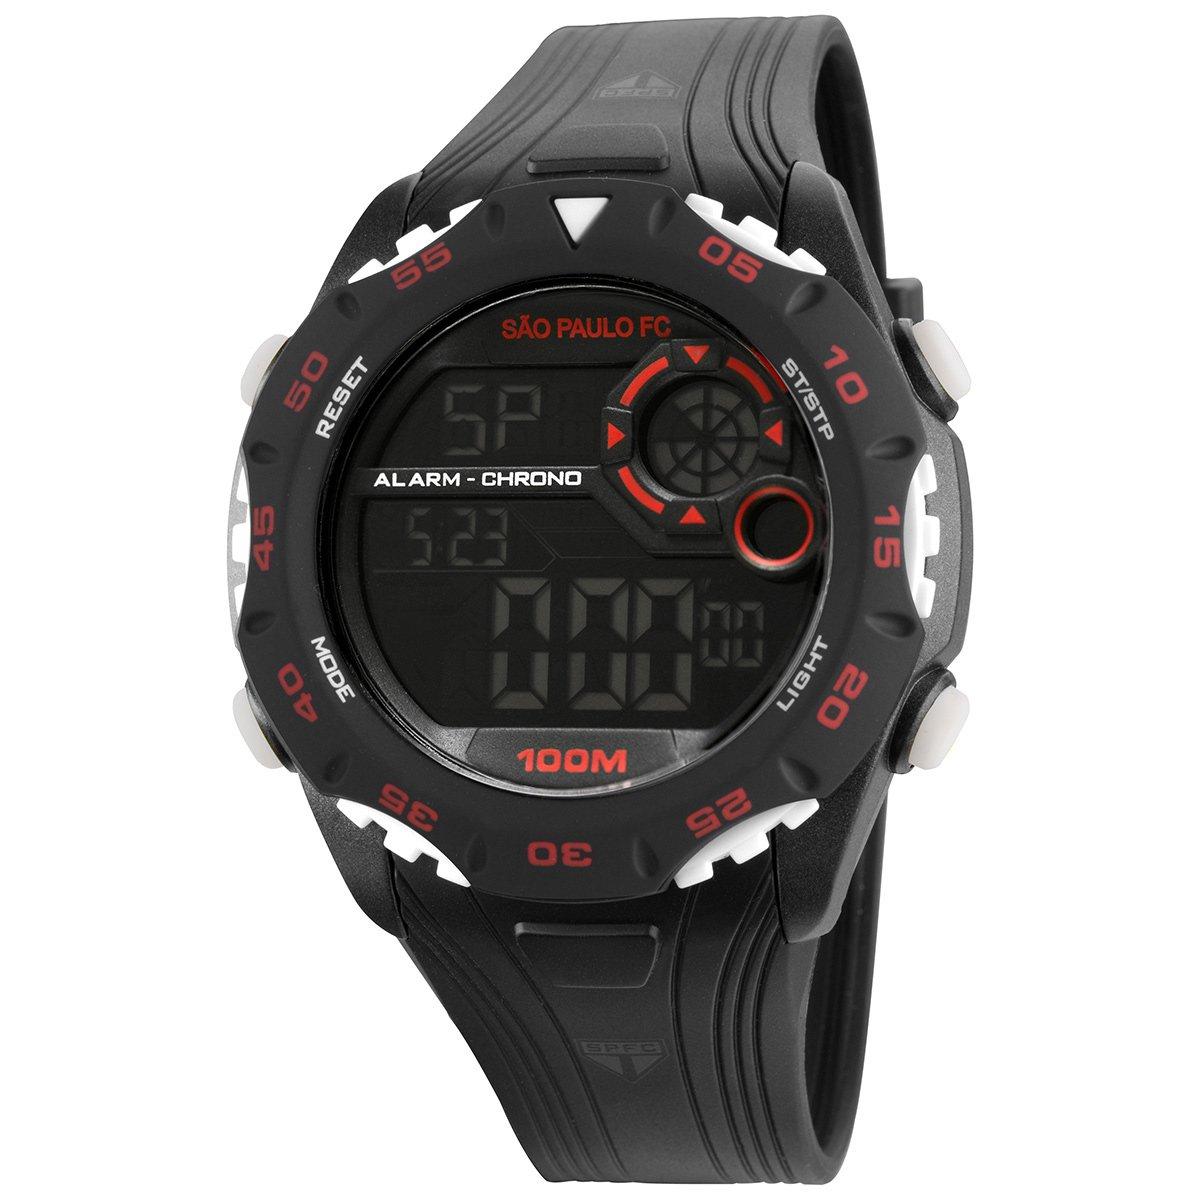 4455c1bd58d Relógio São Paulo Technos Digital I - Compre Agora